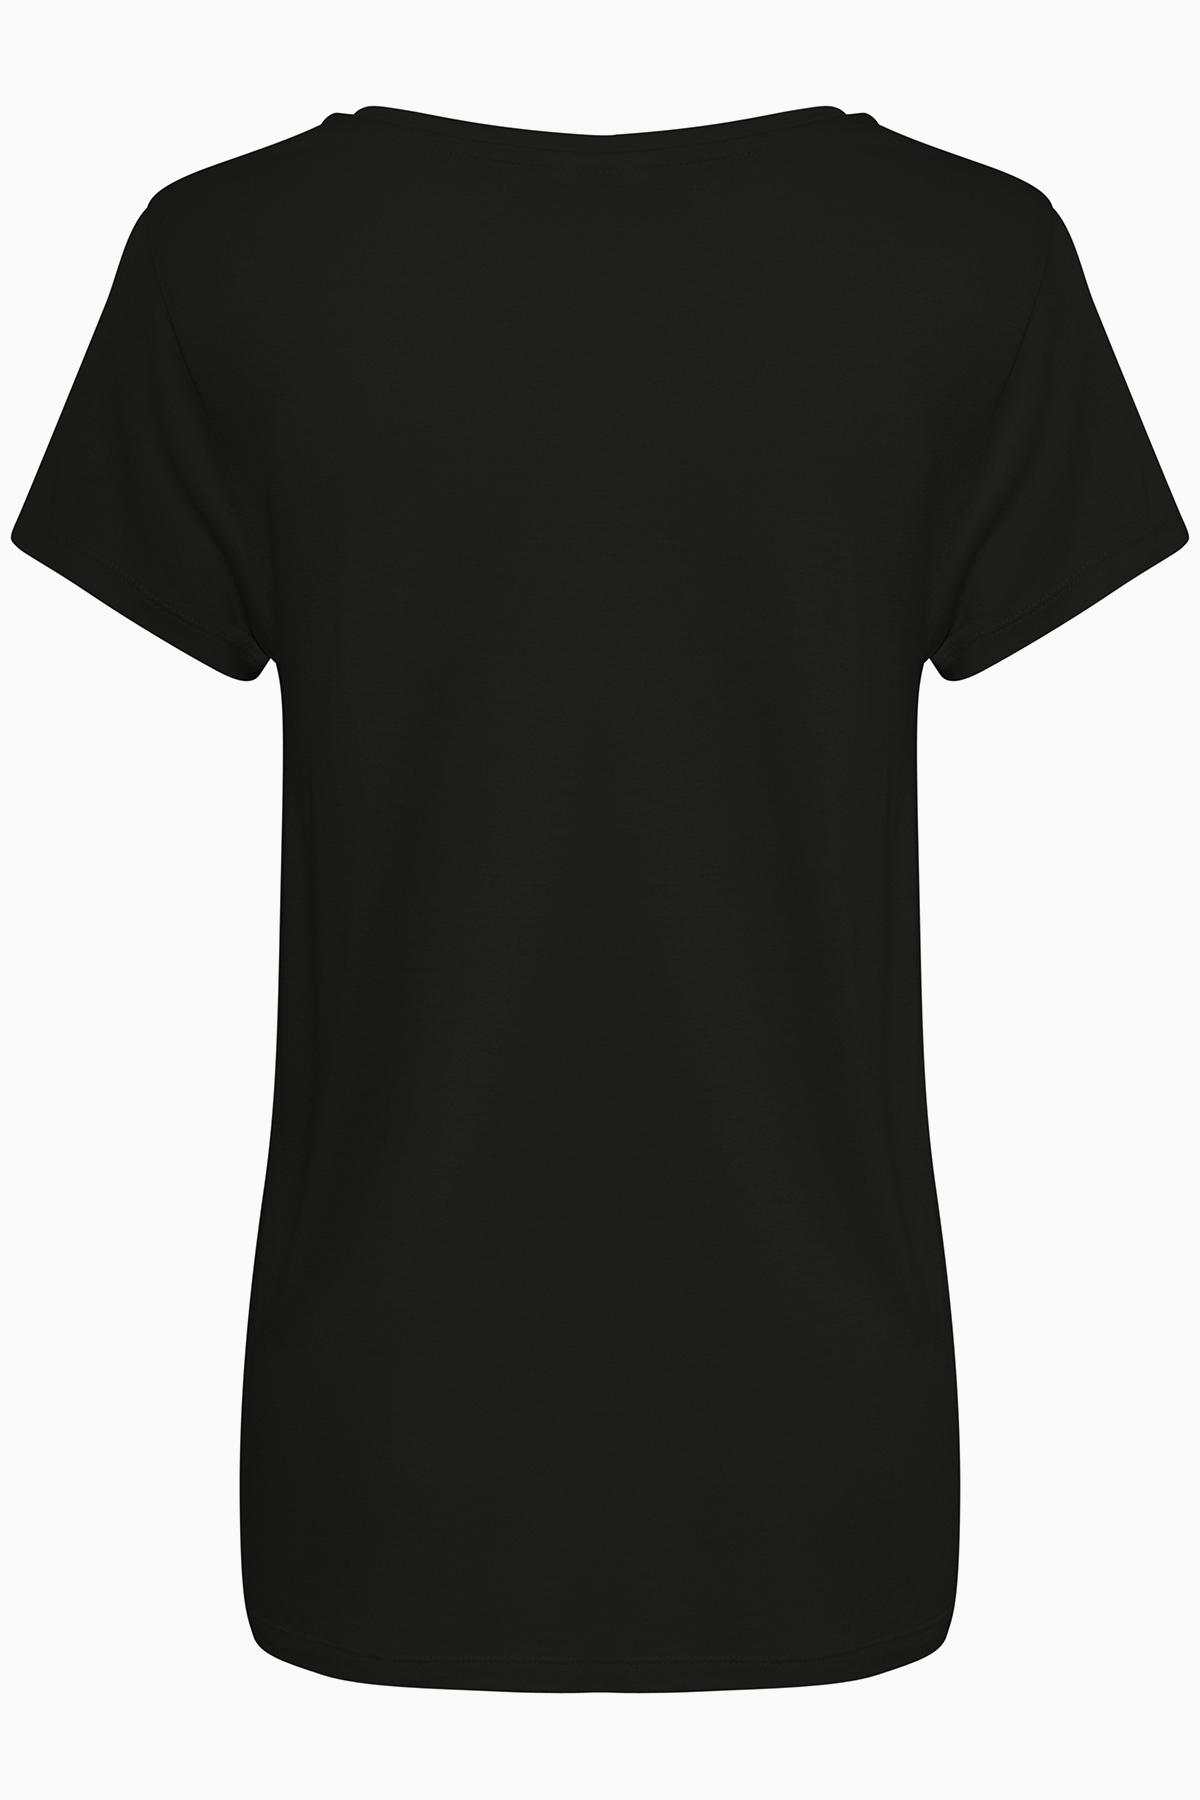 Schwarz Kurzarm T-Shirt von Kaffe – Shoppen Sie Schwarz Kurzarm T-Shirt ab Gr. XS-XXL hier